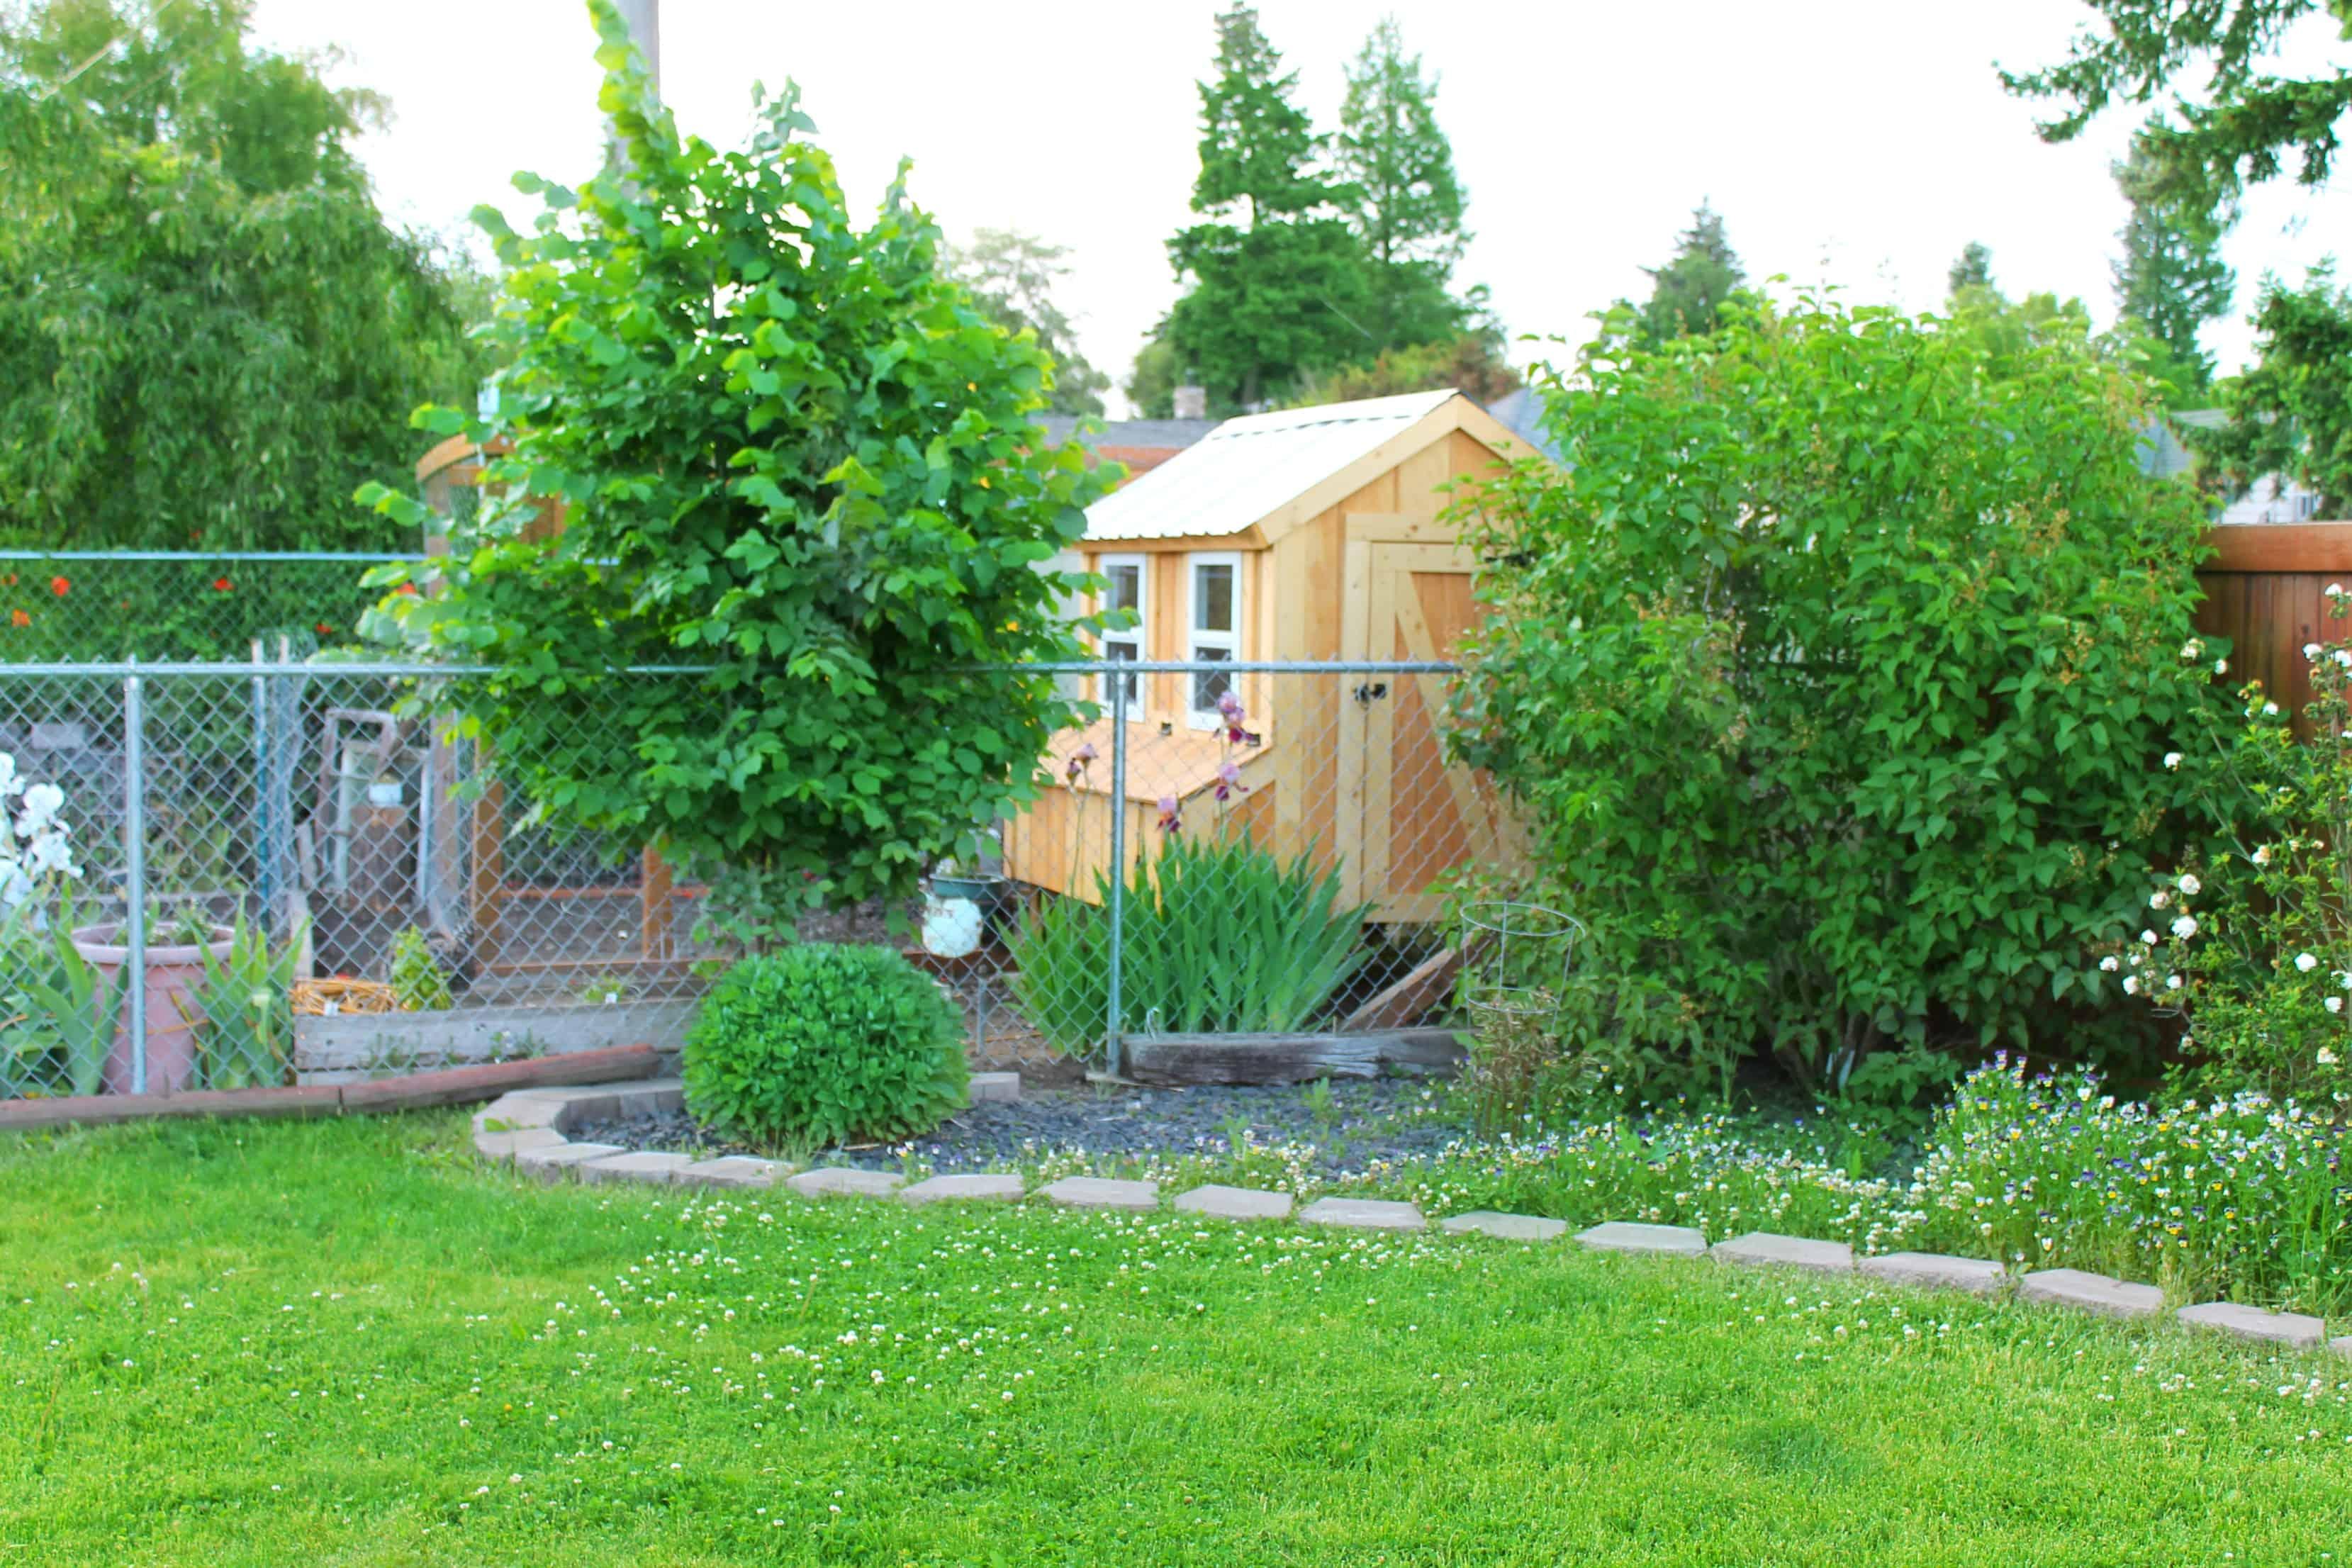 Predator Proof Chickens, Gardening, Chicken Coop, Garden,